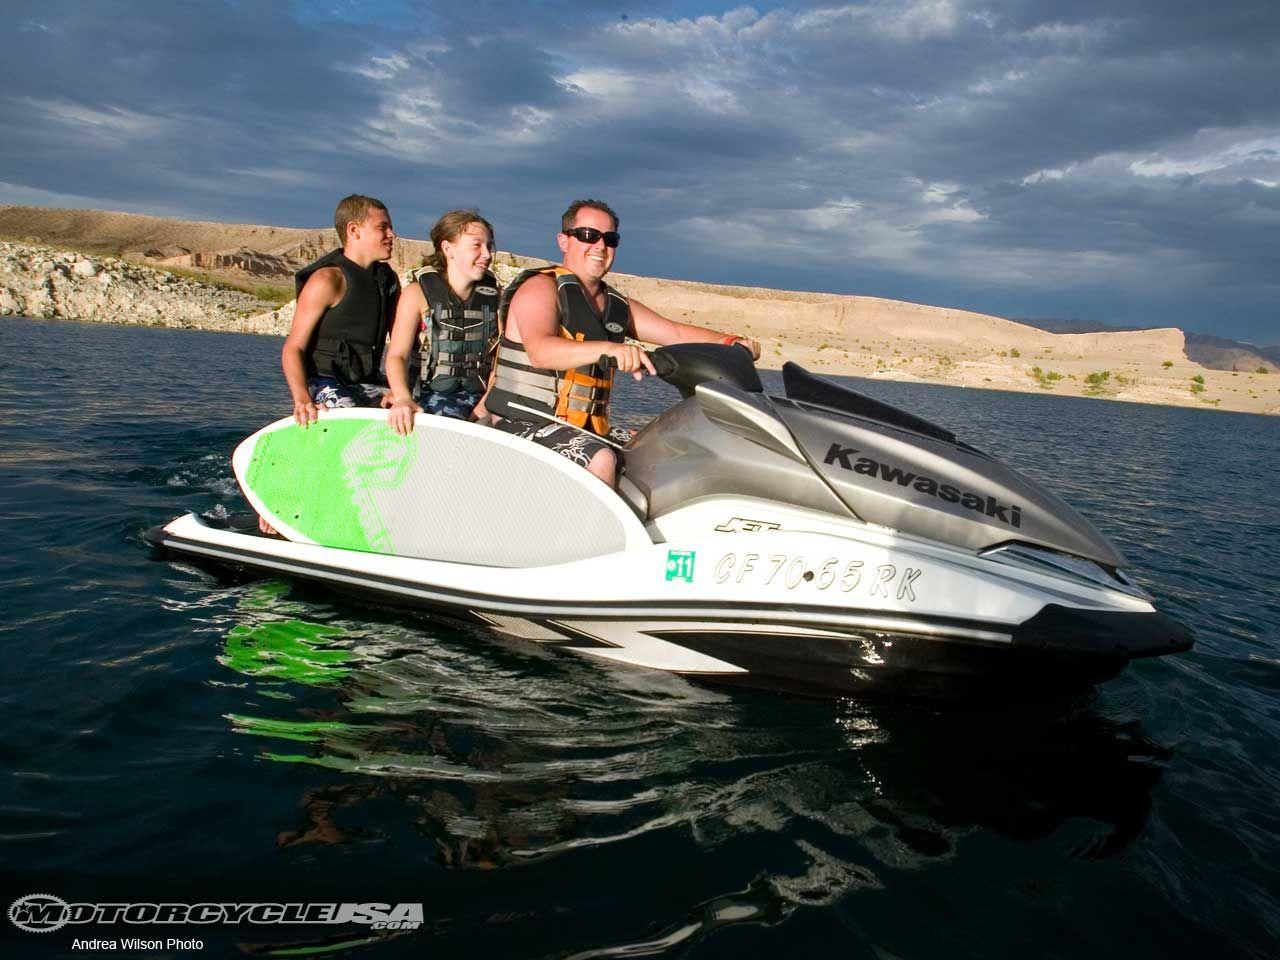 Jet ski in vegas lake mead httpimagesmotorcycleusa